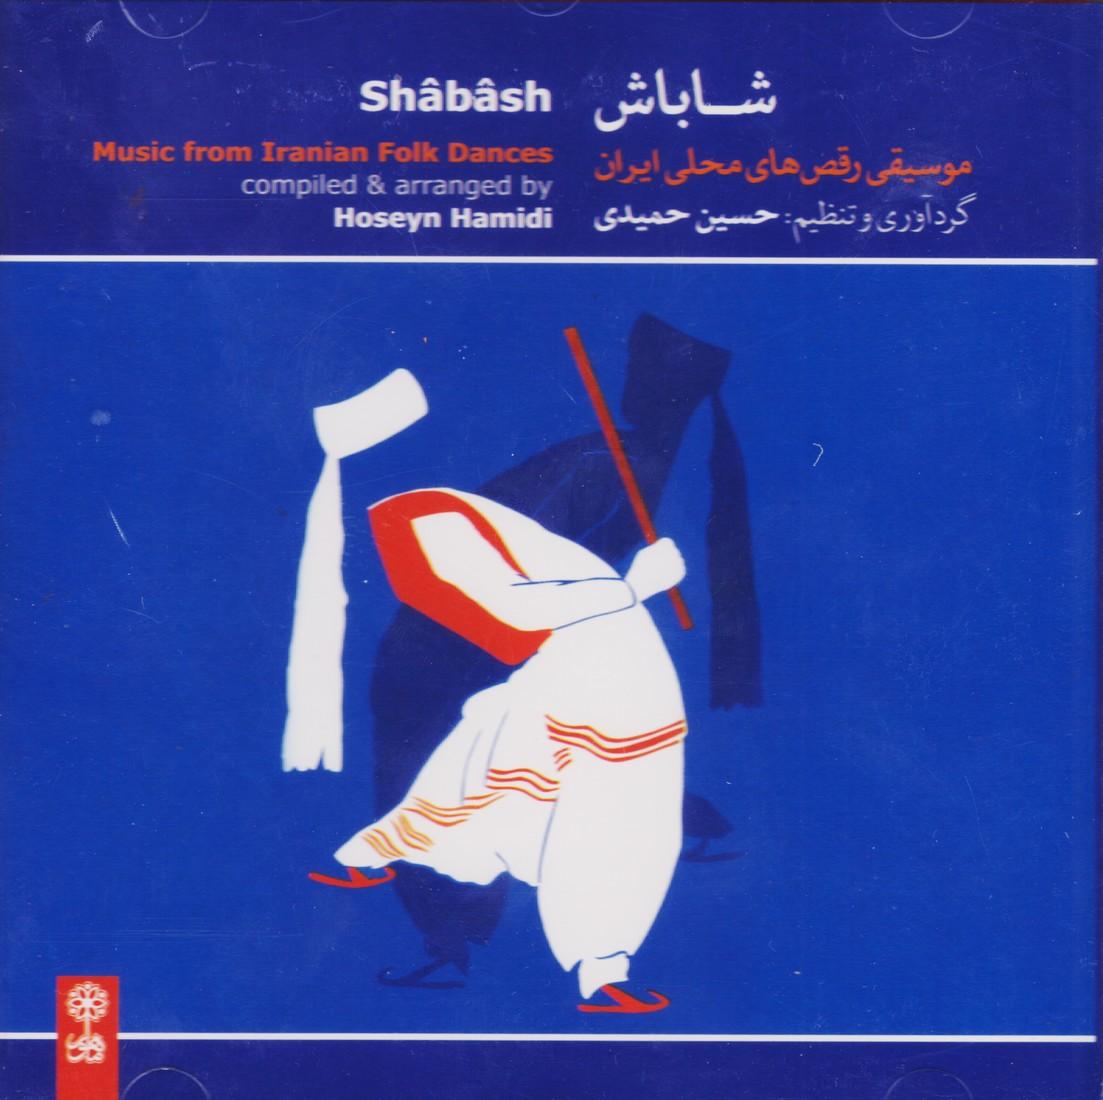 شاباش: موسیقی رقص های محلی ایران